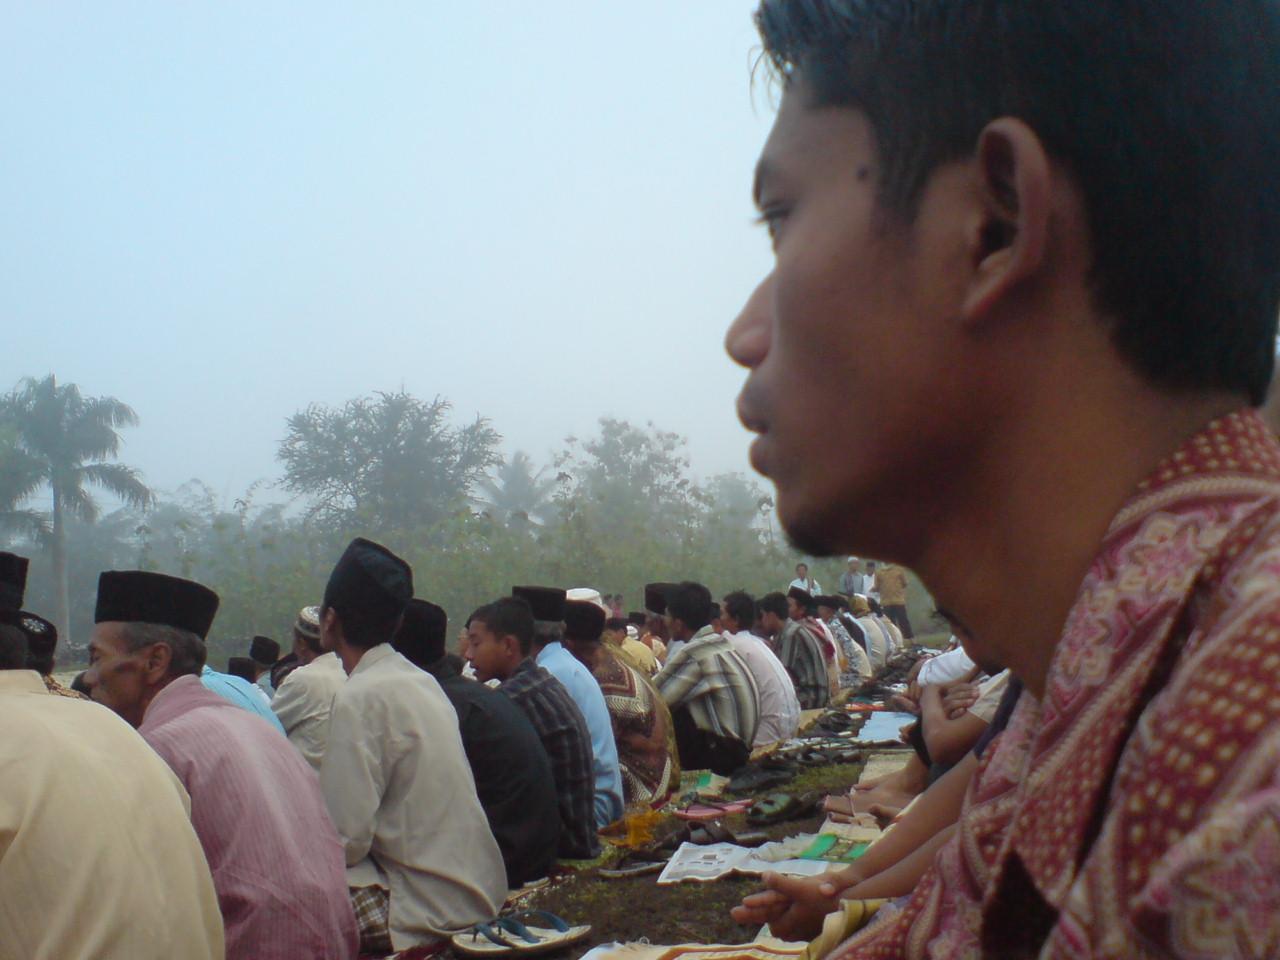 Shalat Ied di lapangan #grogol #indonesiabanget 07